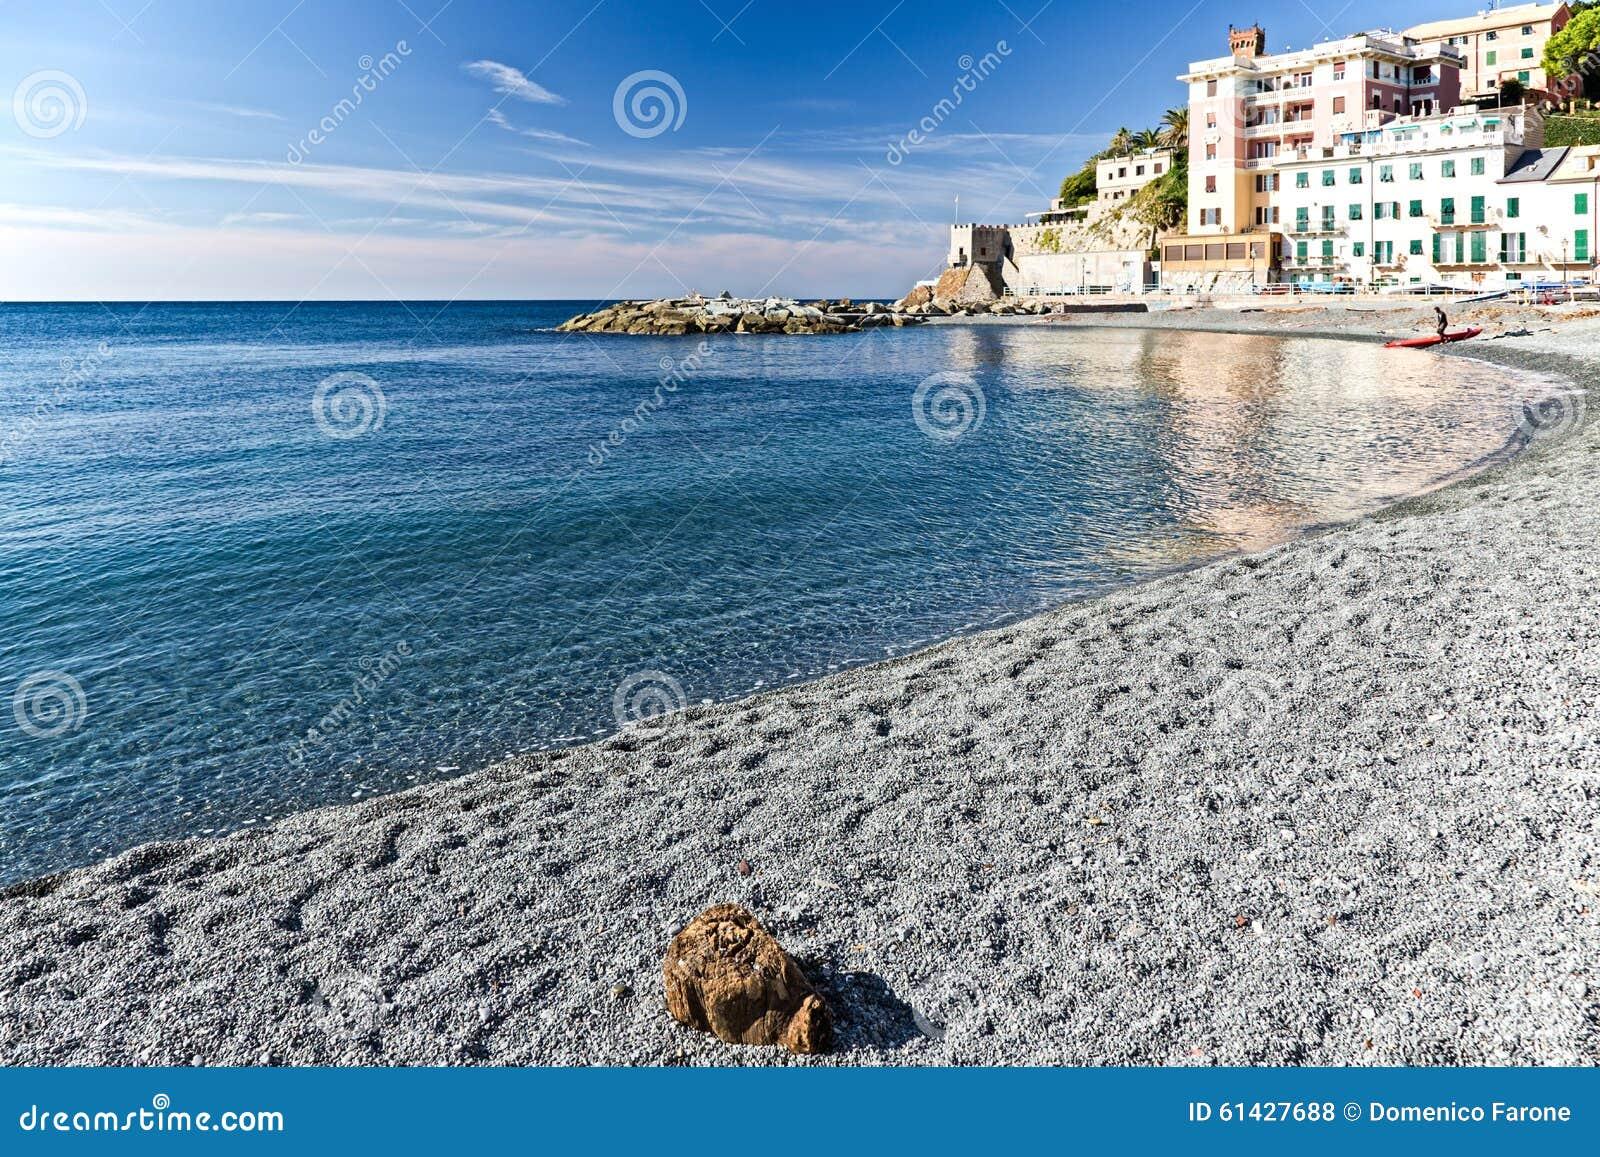 b timents de plage et de bord de mer de vernazzola italie photo stock image 61427688. Black Bedroom Furniture Sets. Home Design Ideas